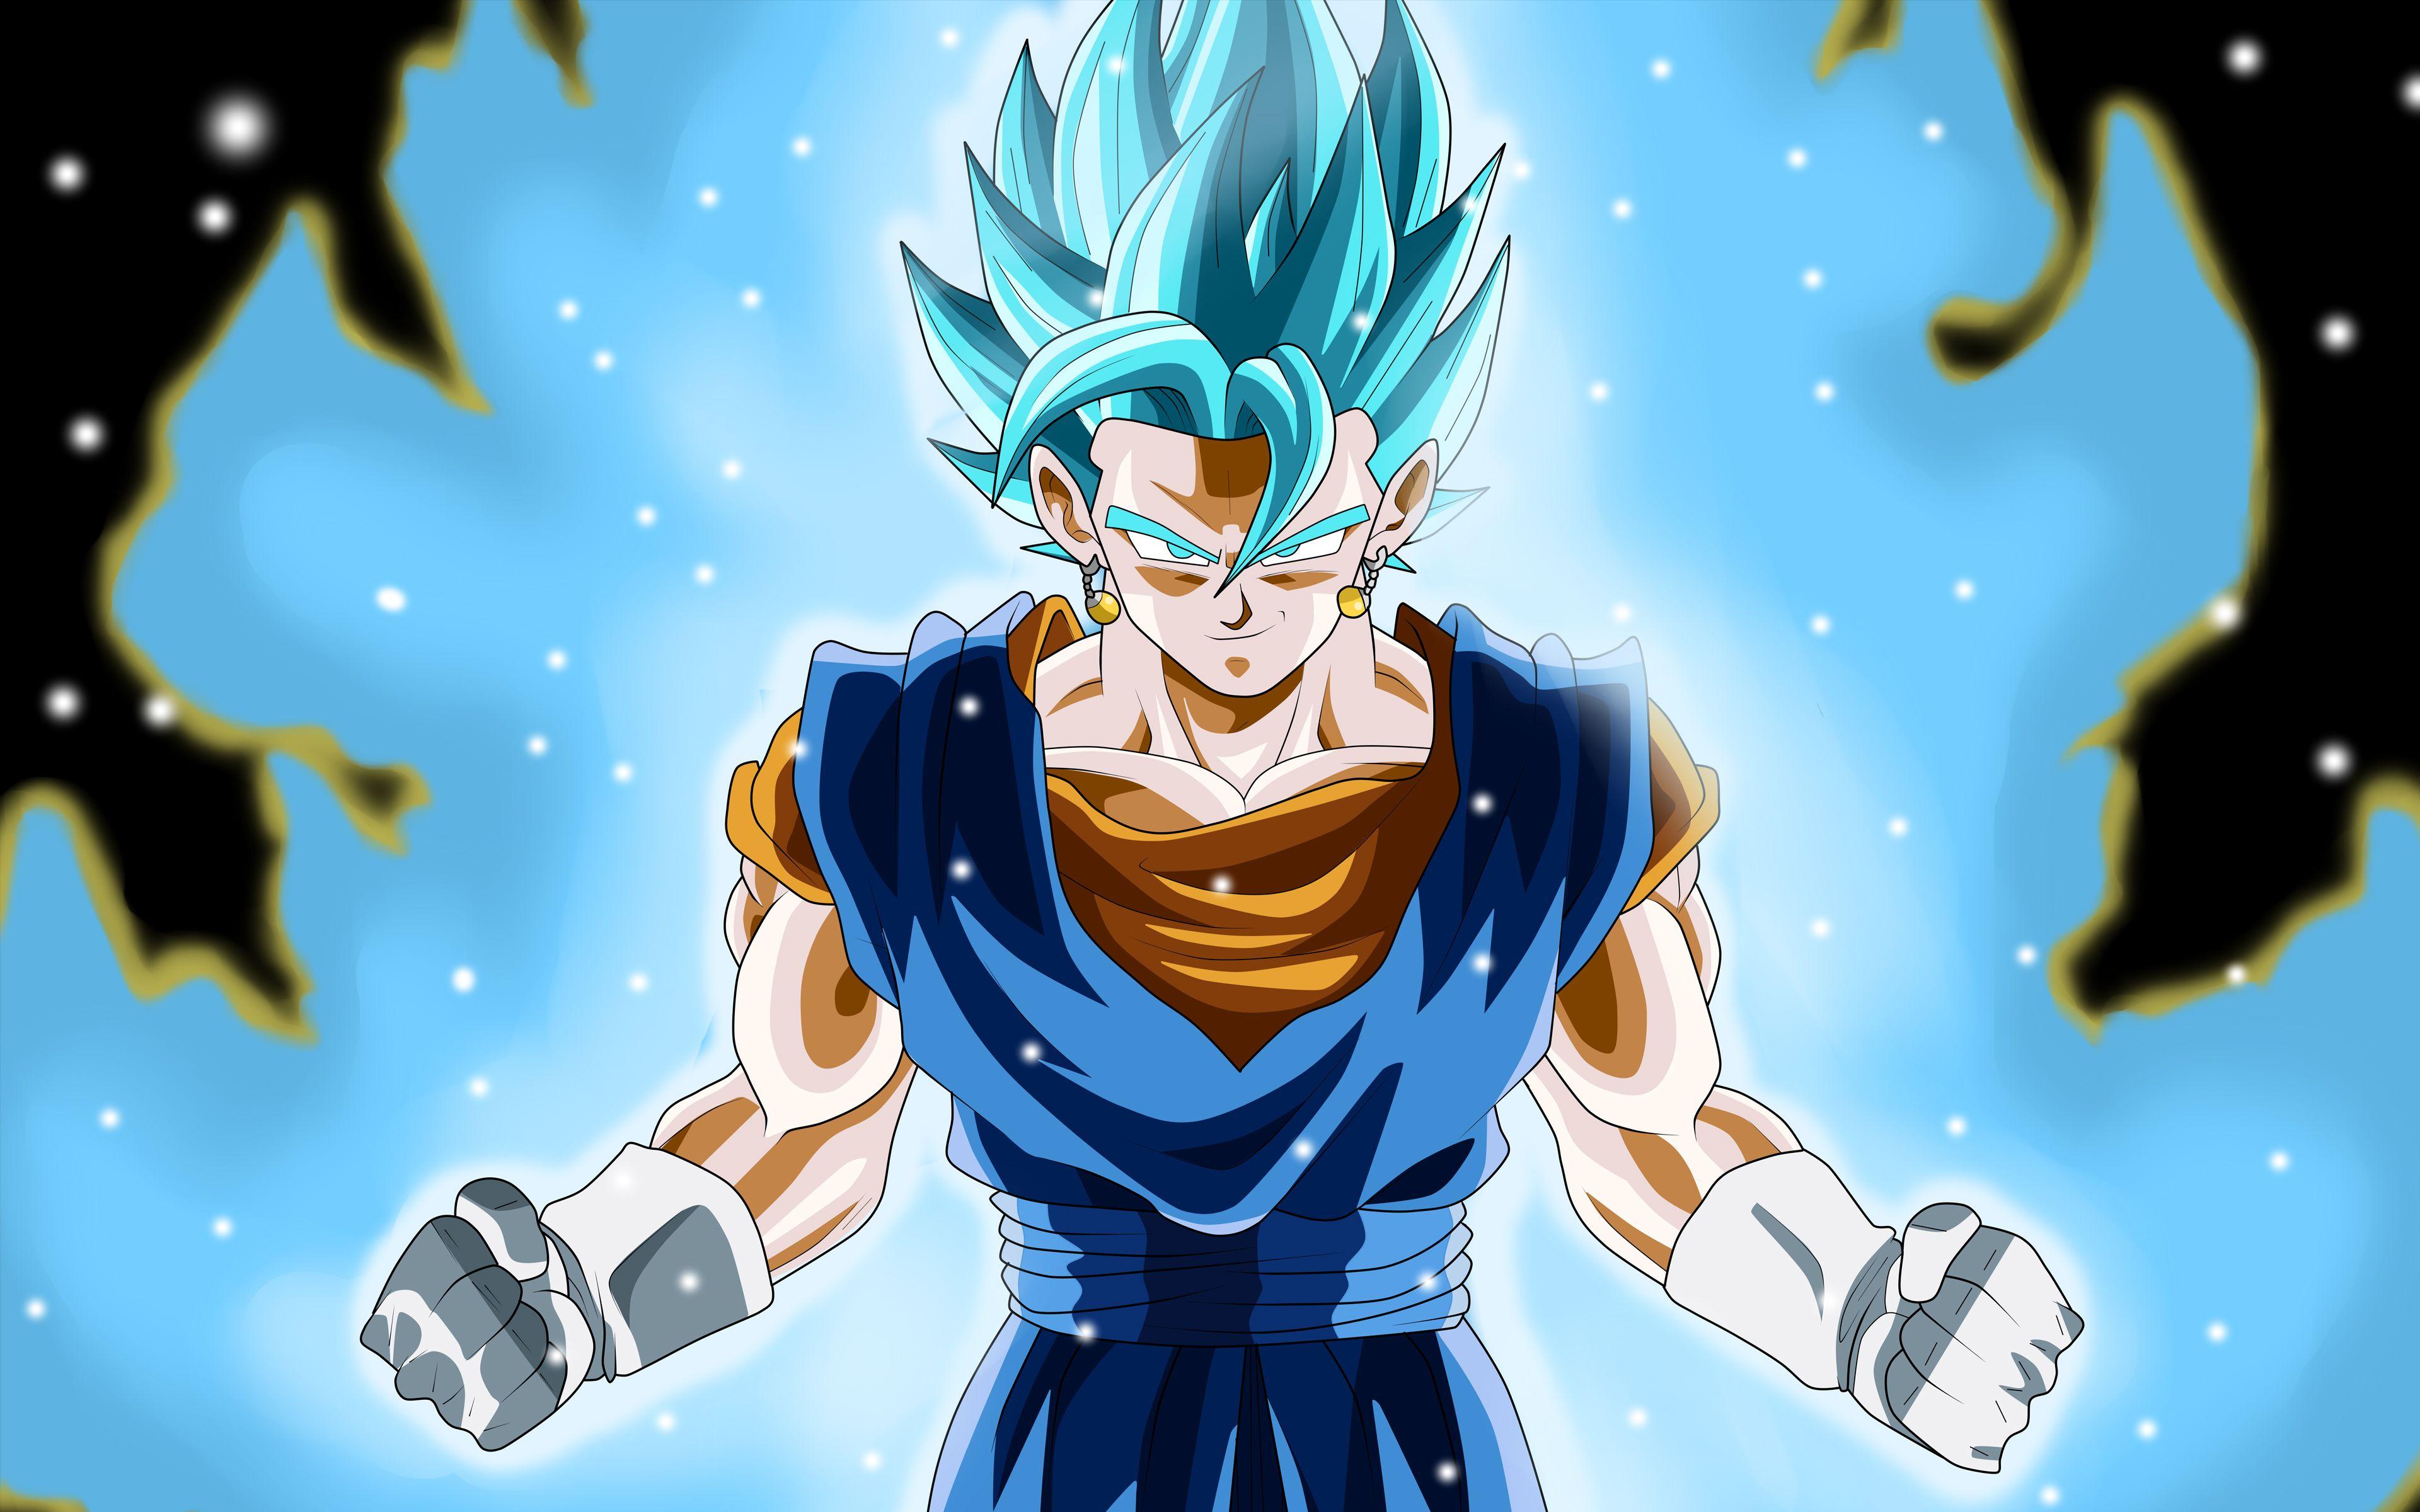 Super Saiyan Blue Vegito 4k 8k Dragon Ball Super Wallpapers Super Saiyan Blue Vegito Super Saiyan Blue